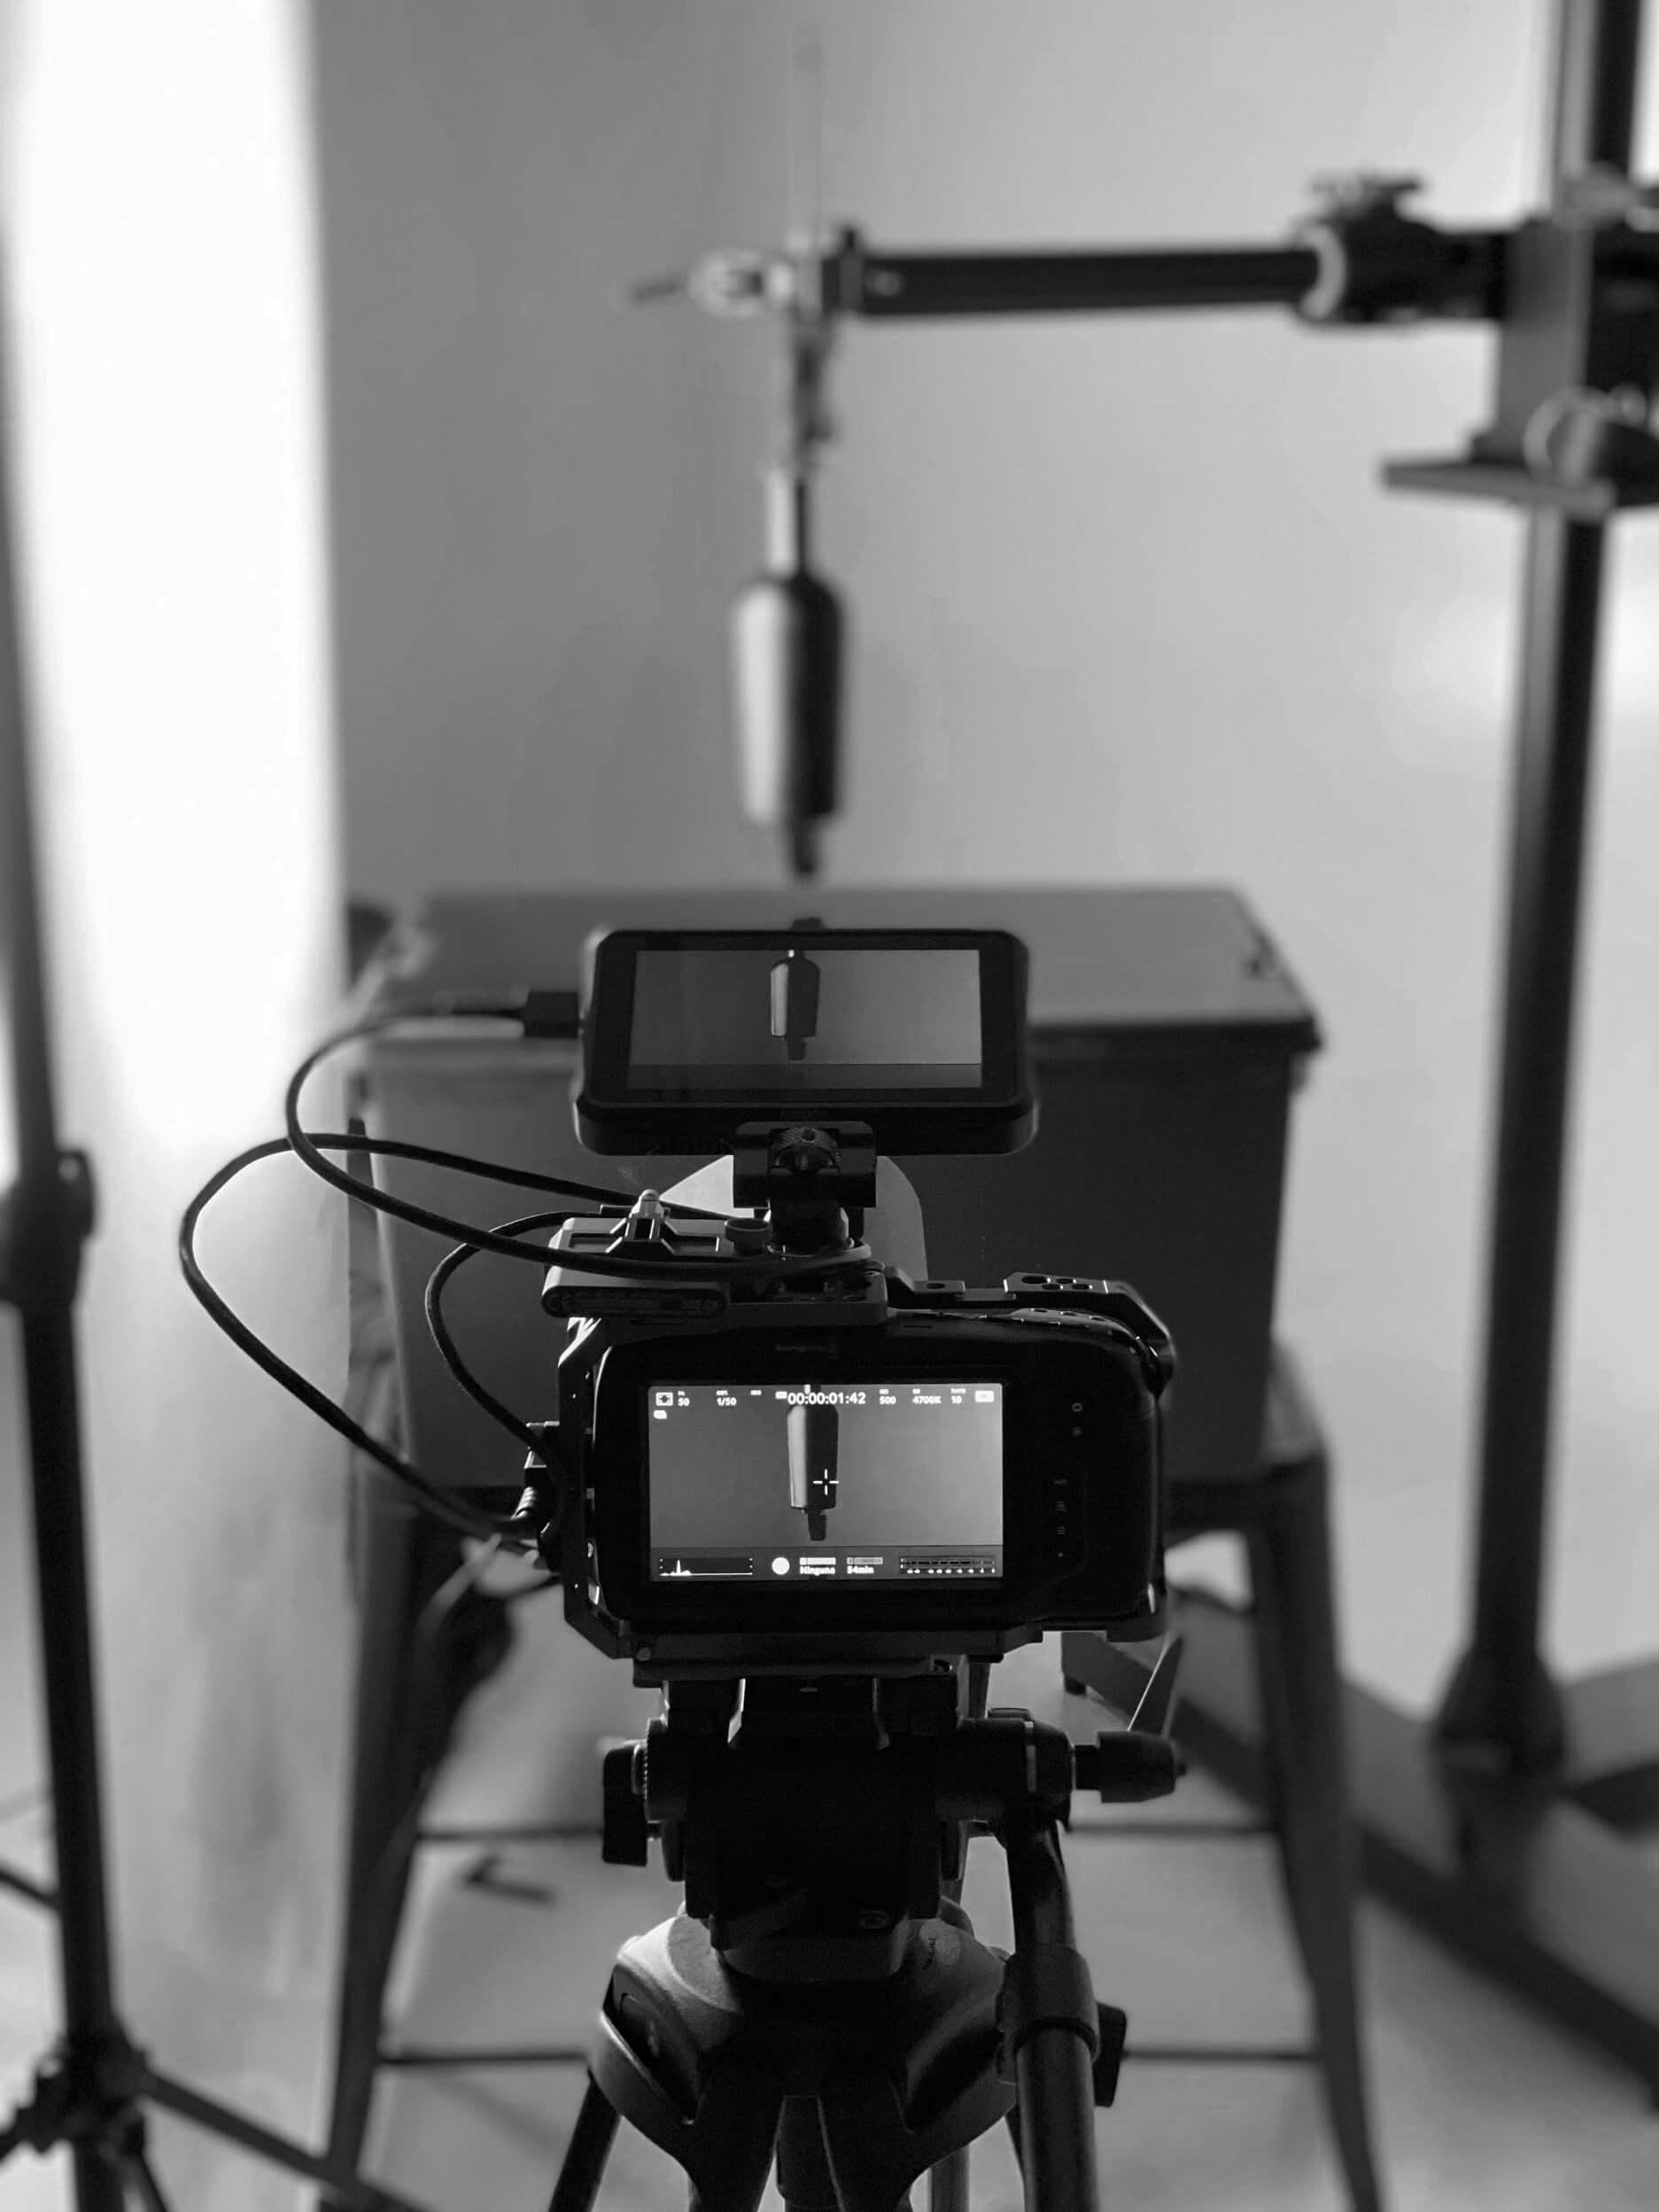 Shooting Time 10